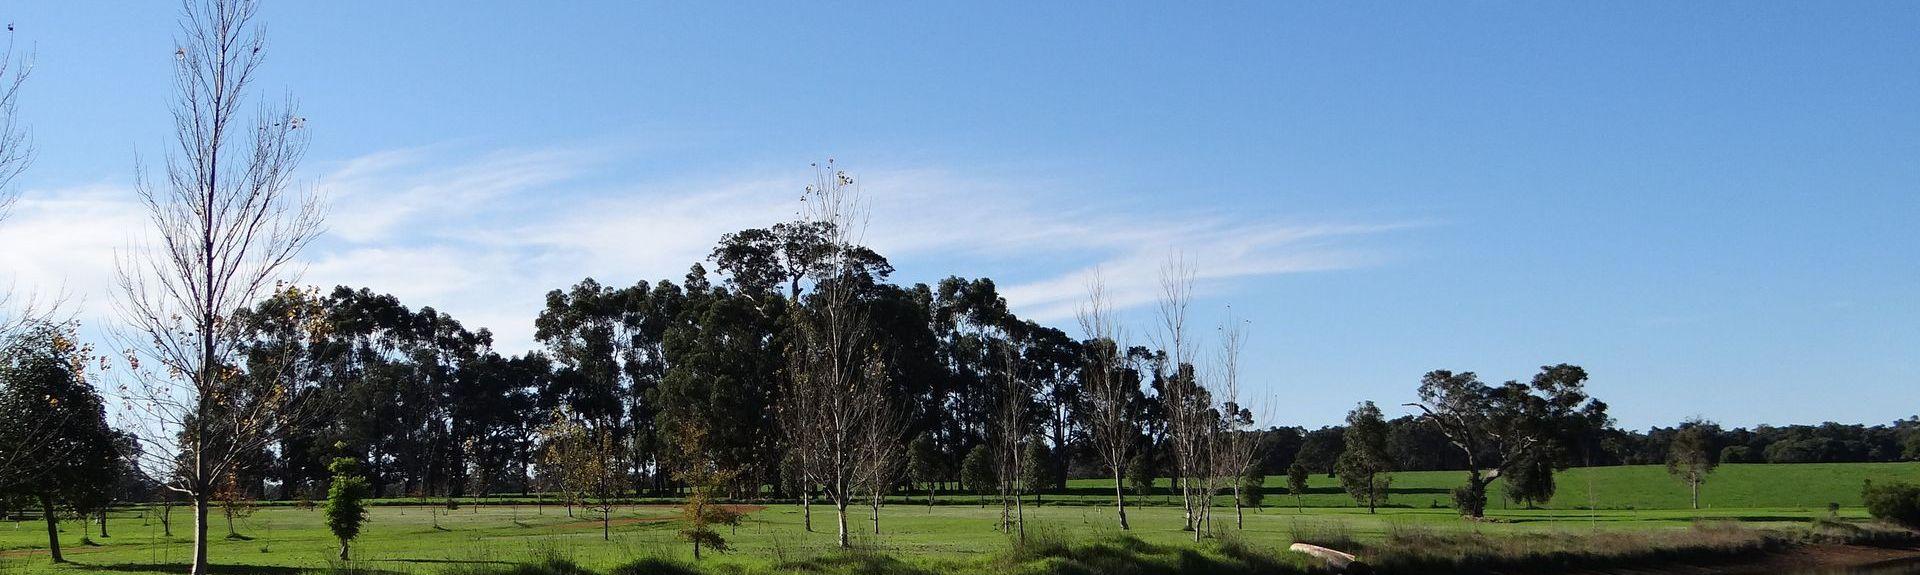 Yallingup Siding WA, Australia